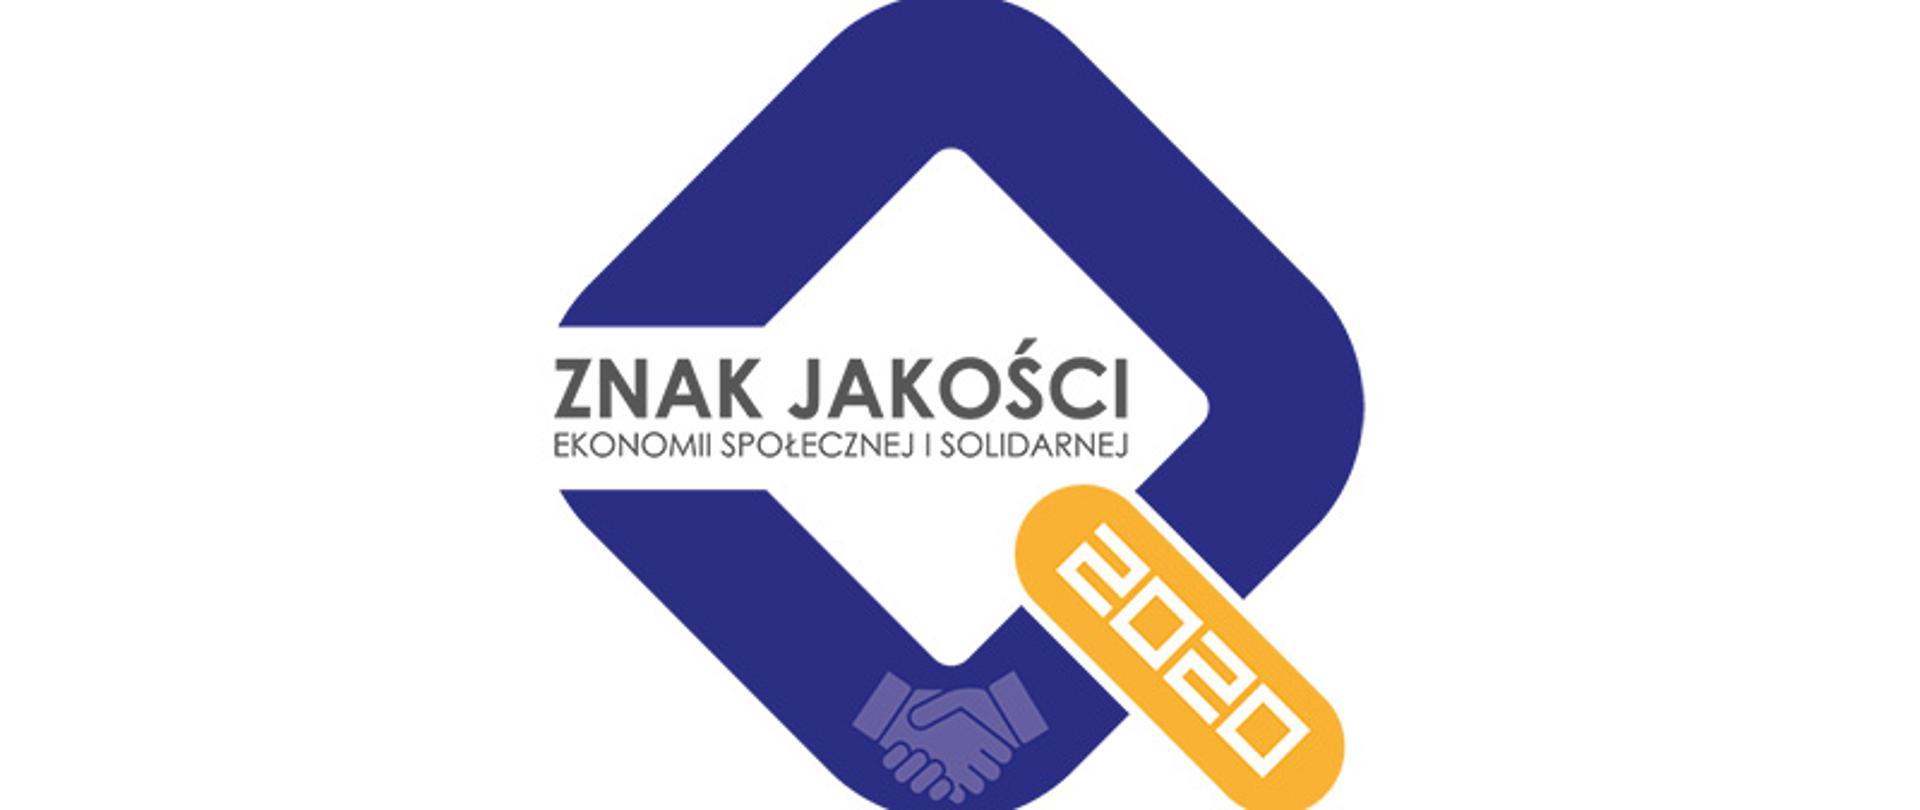 Znak Jakości Ekonomii Społecznej i Solidarnej 2020 – przedłużenie naboru do 31 lipca ! [KONKURS MRPiPS]